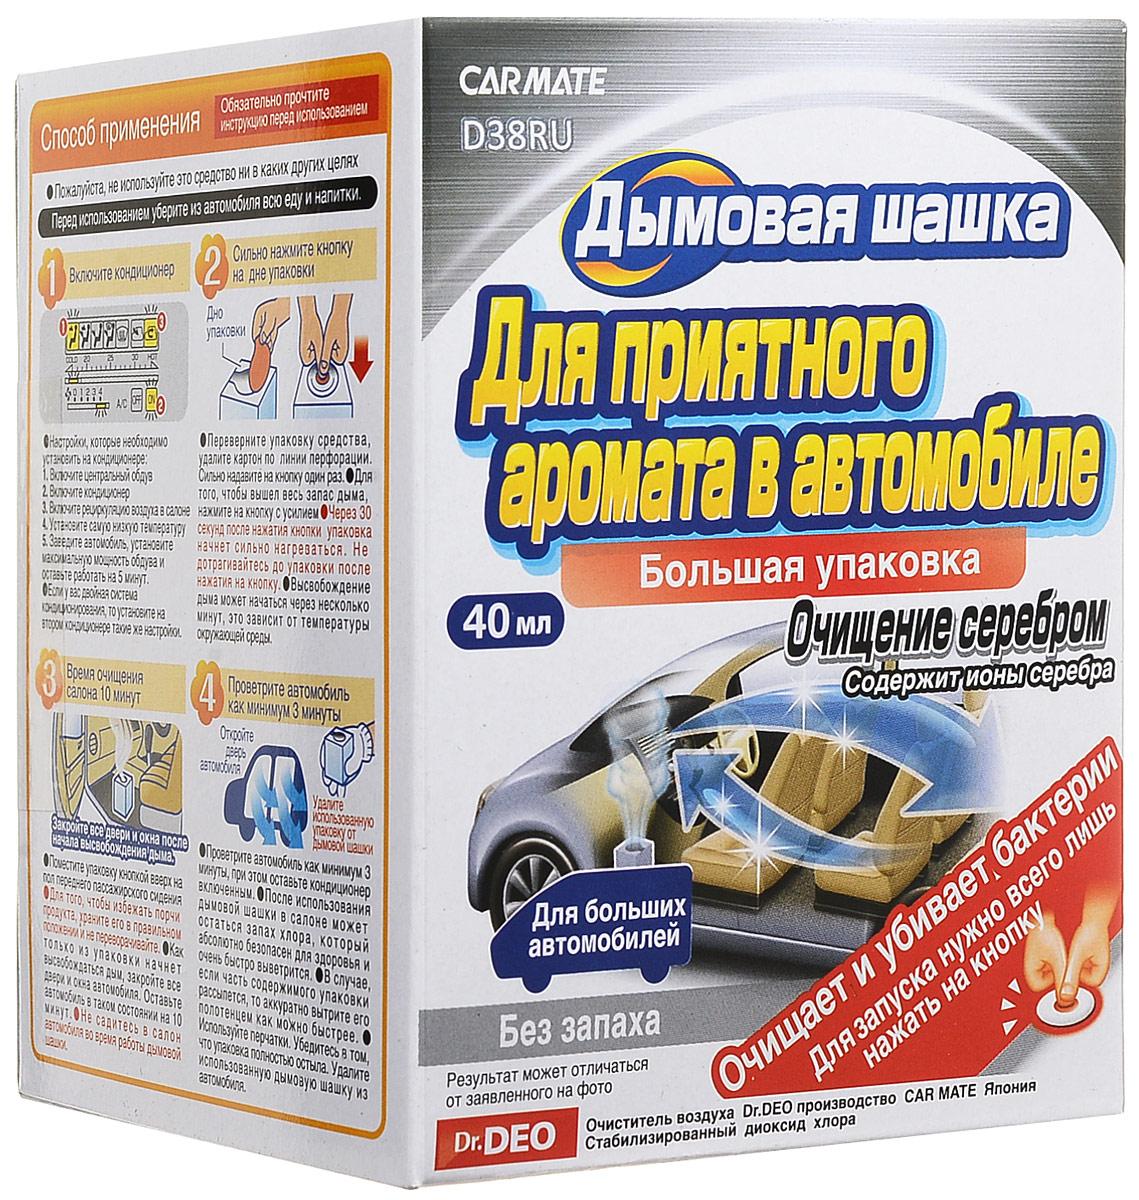 Устранитель неприятных запахов Deodorant Steam Type Ag, 40 млD38RUDeodorant Steam Type Ag помогает легко избавиться от неприятных запахов и защитить себя и своих близких от вредоносных бактерий. Формула с ионами серебра позволяет устранить запахи, накопившиеся в сидениях автомобиля. В отличие от ароматизаторов дымовая шашка не маскирует запахи, а устраняет причины их появления - бактерии, вирусы, грибки, скопившиеся в системе кондиционирования автомобиля. Бактерицидный эффект достигается благодаря использованию стабилизированного диоксида хлора.